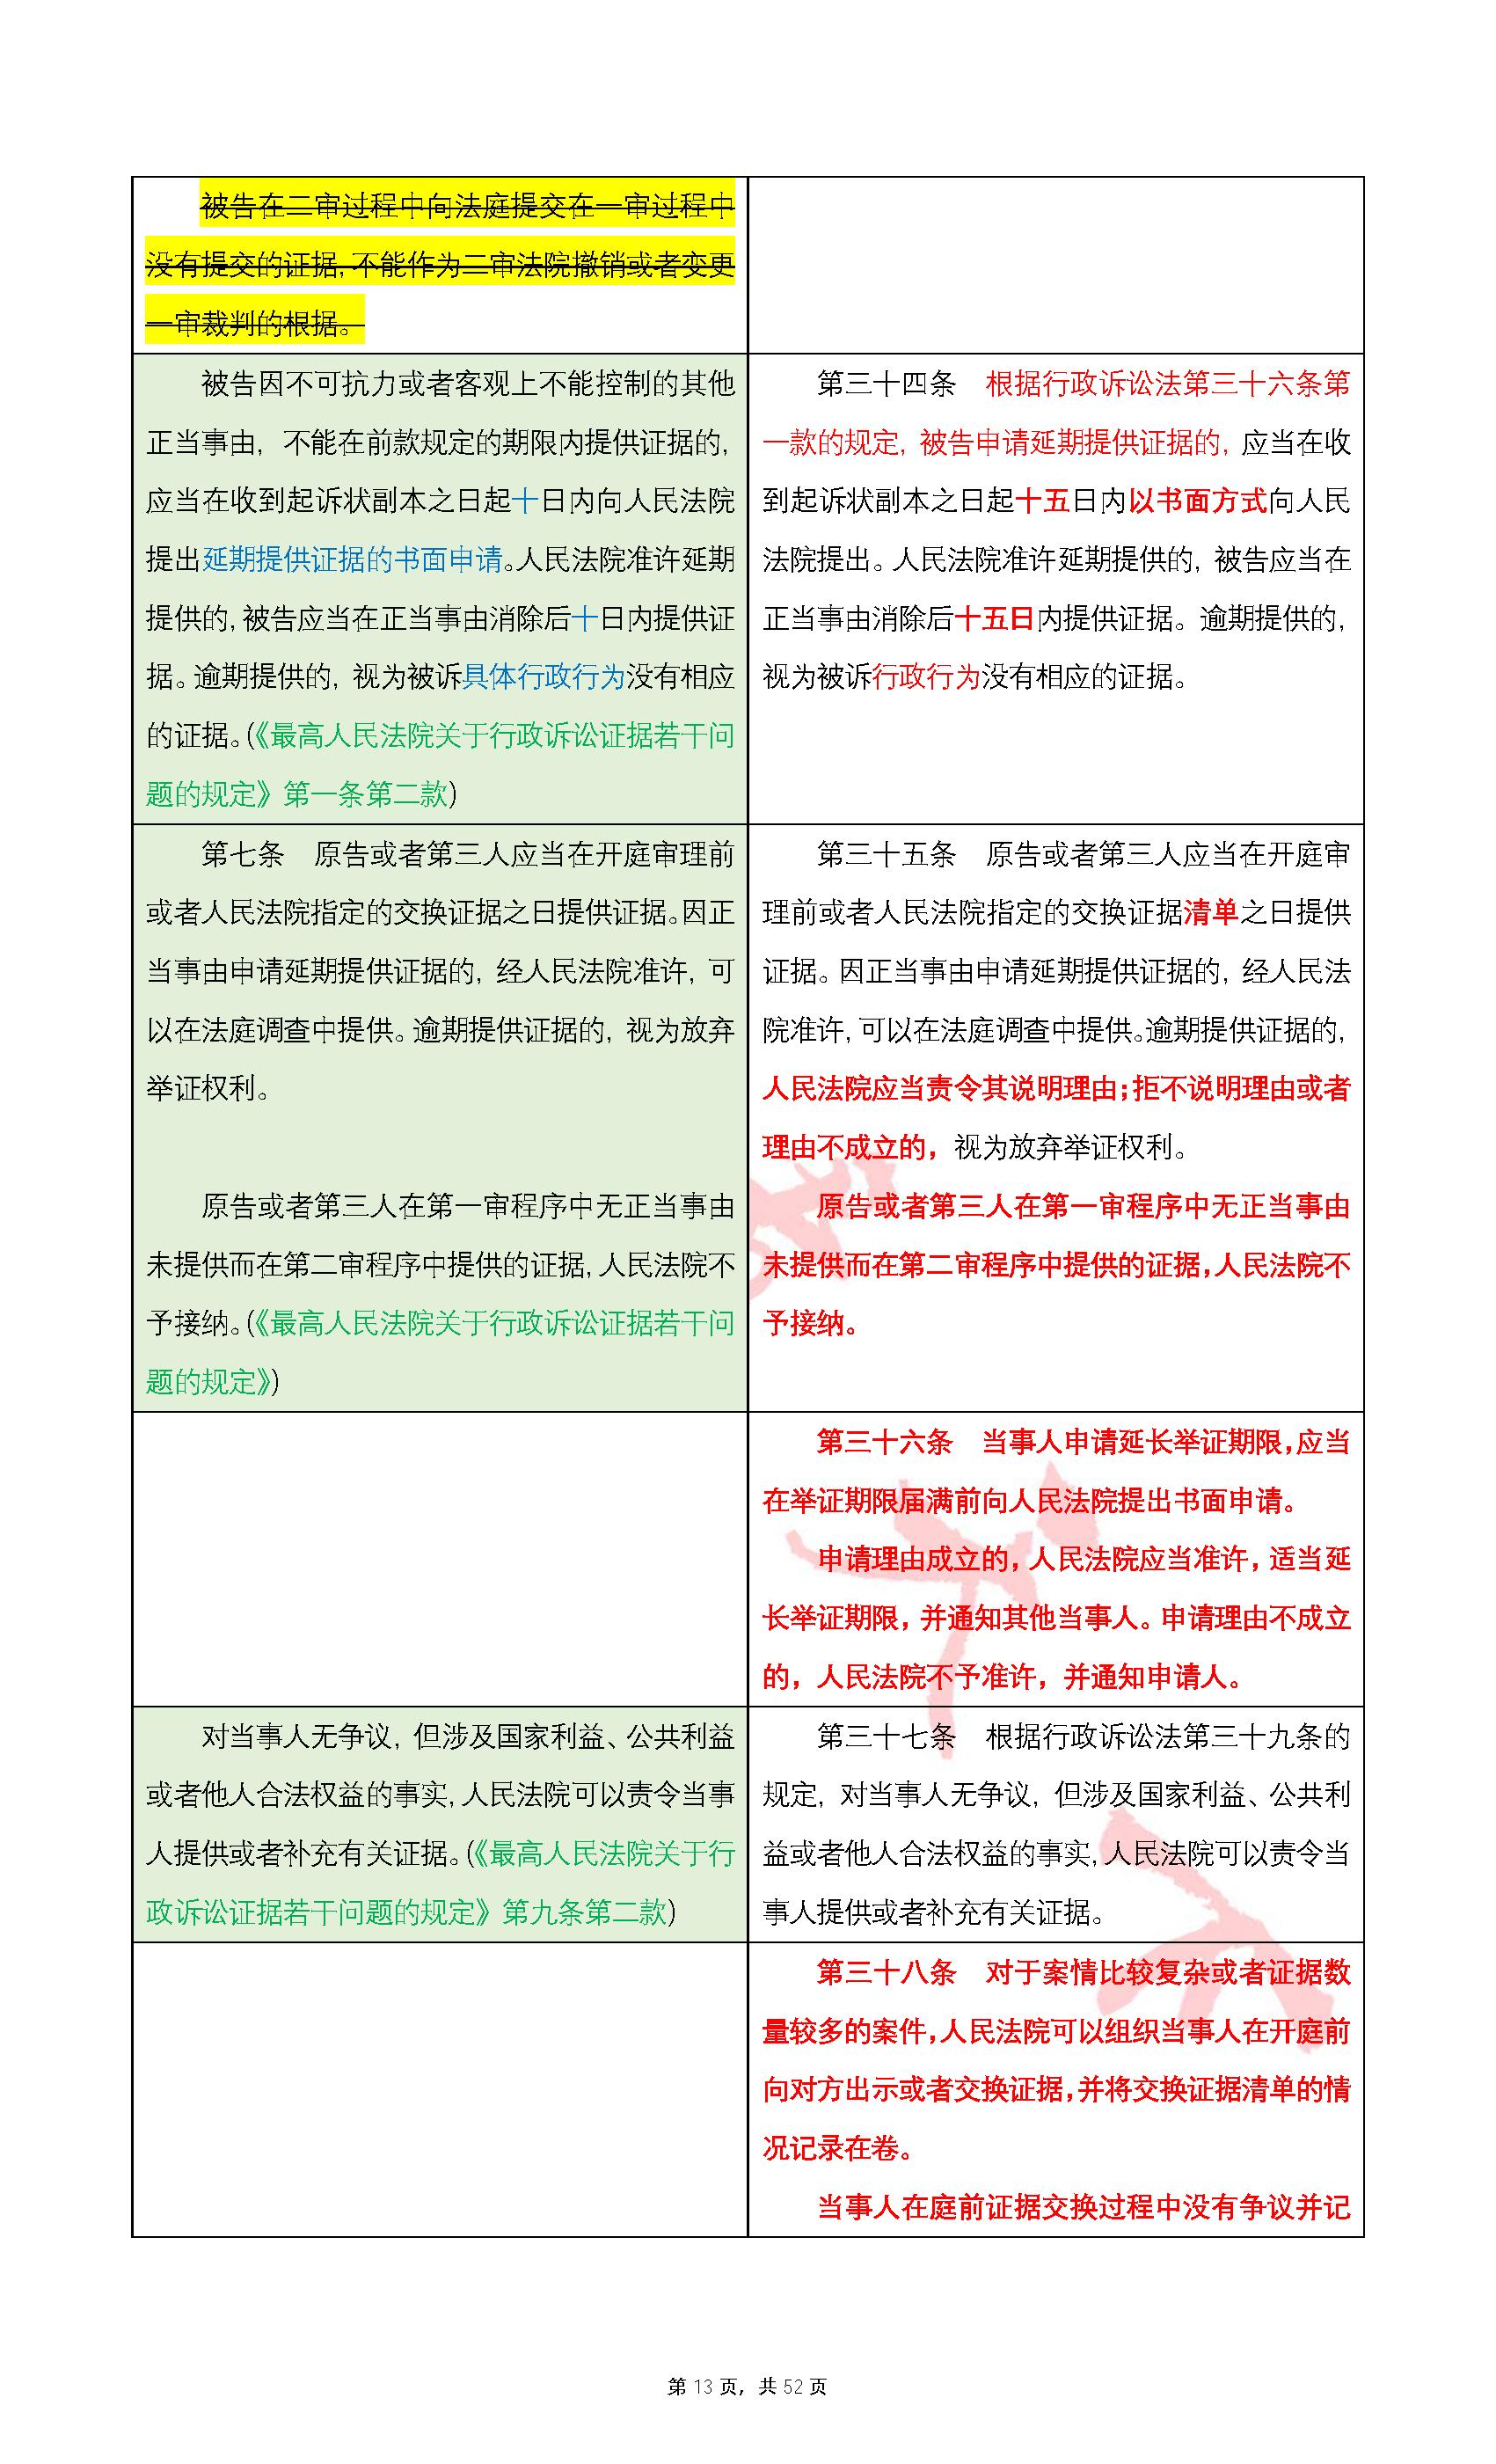 表_页面_13.png